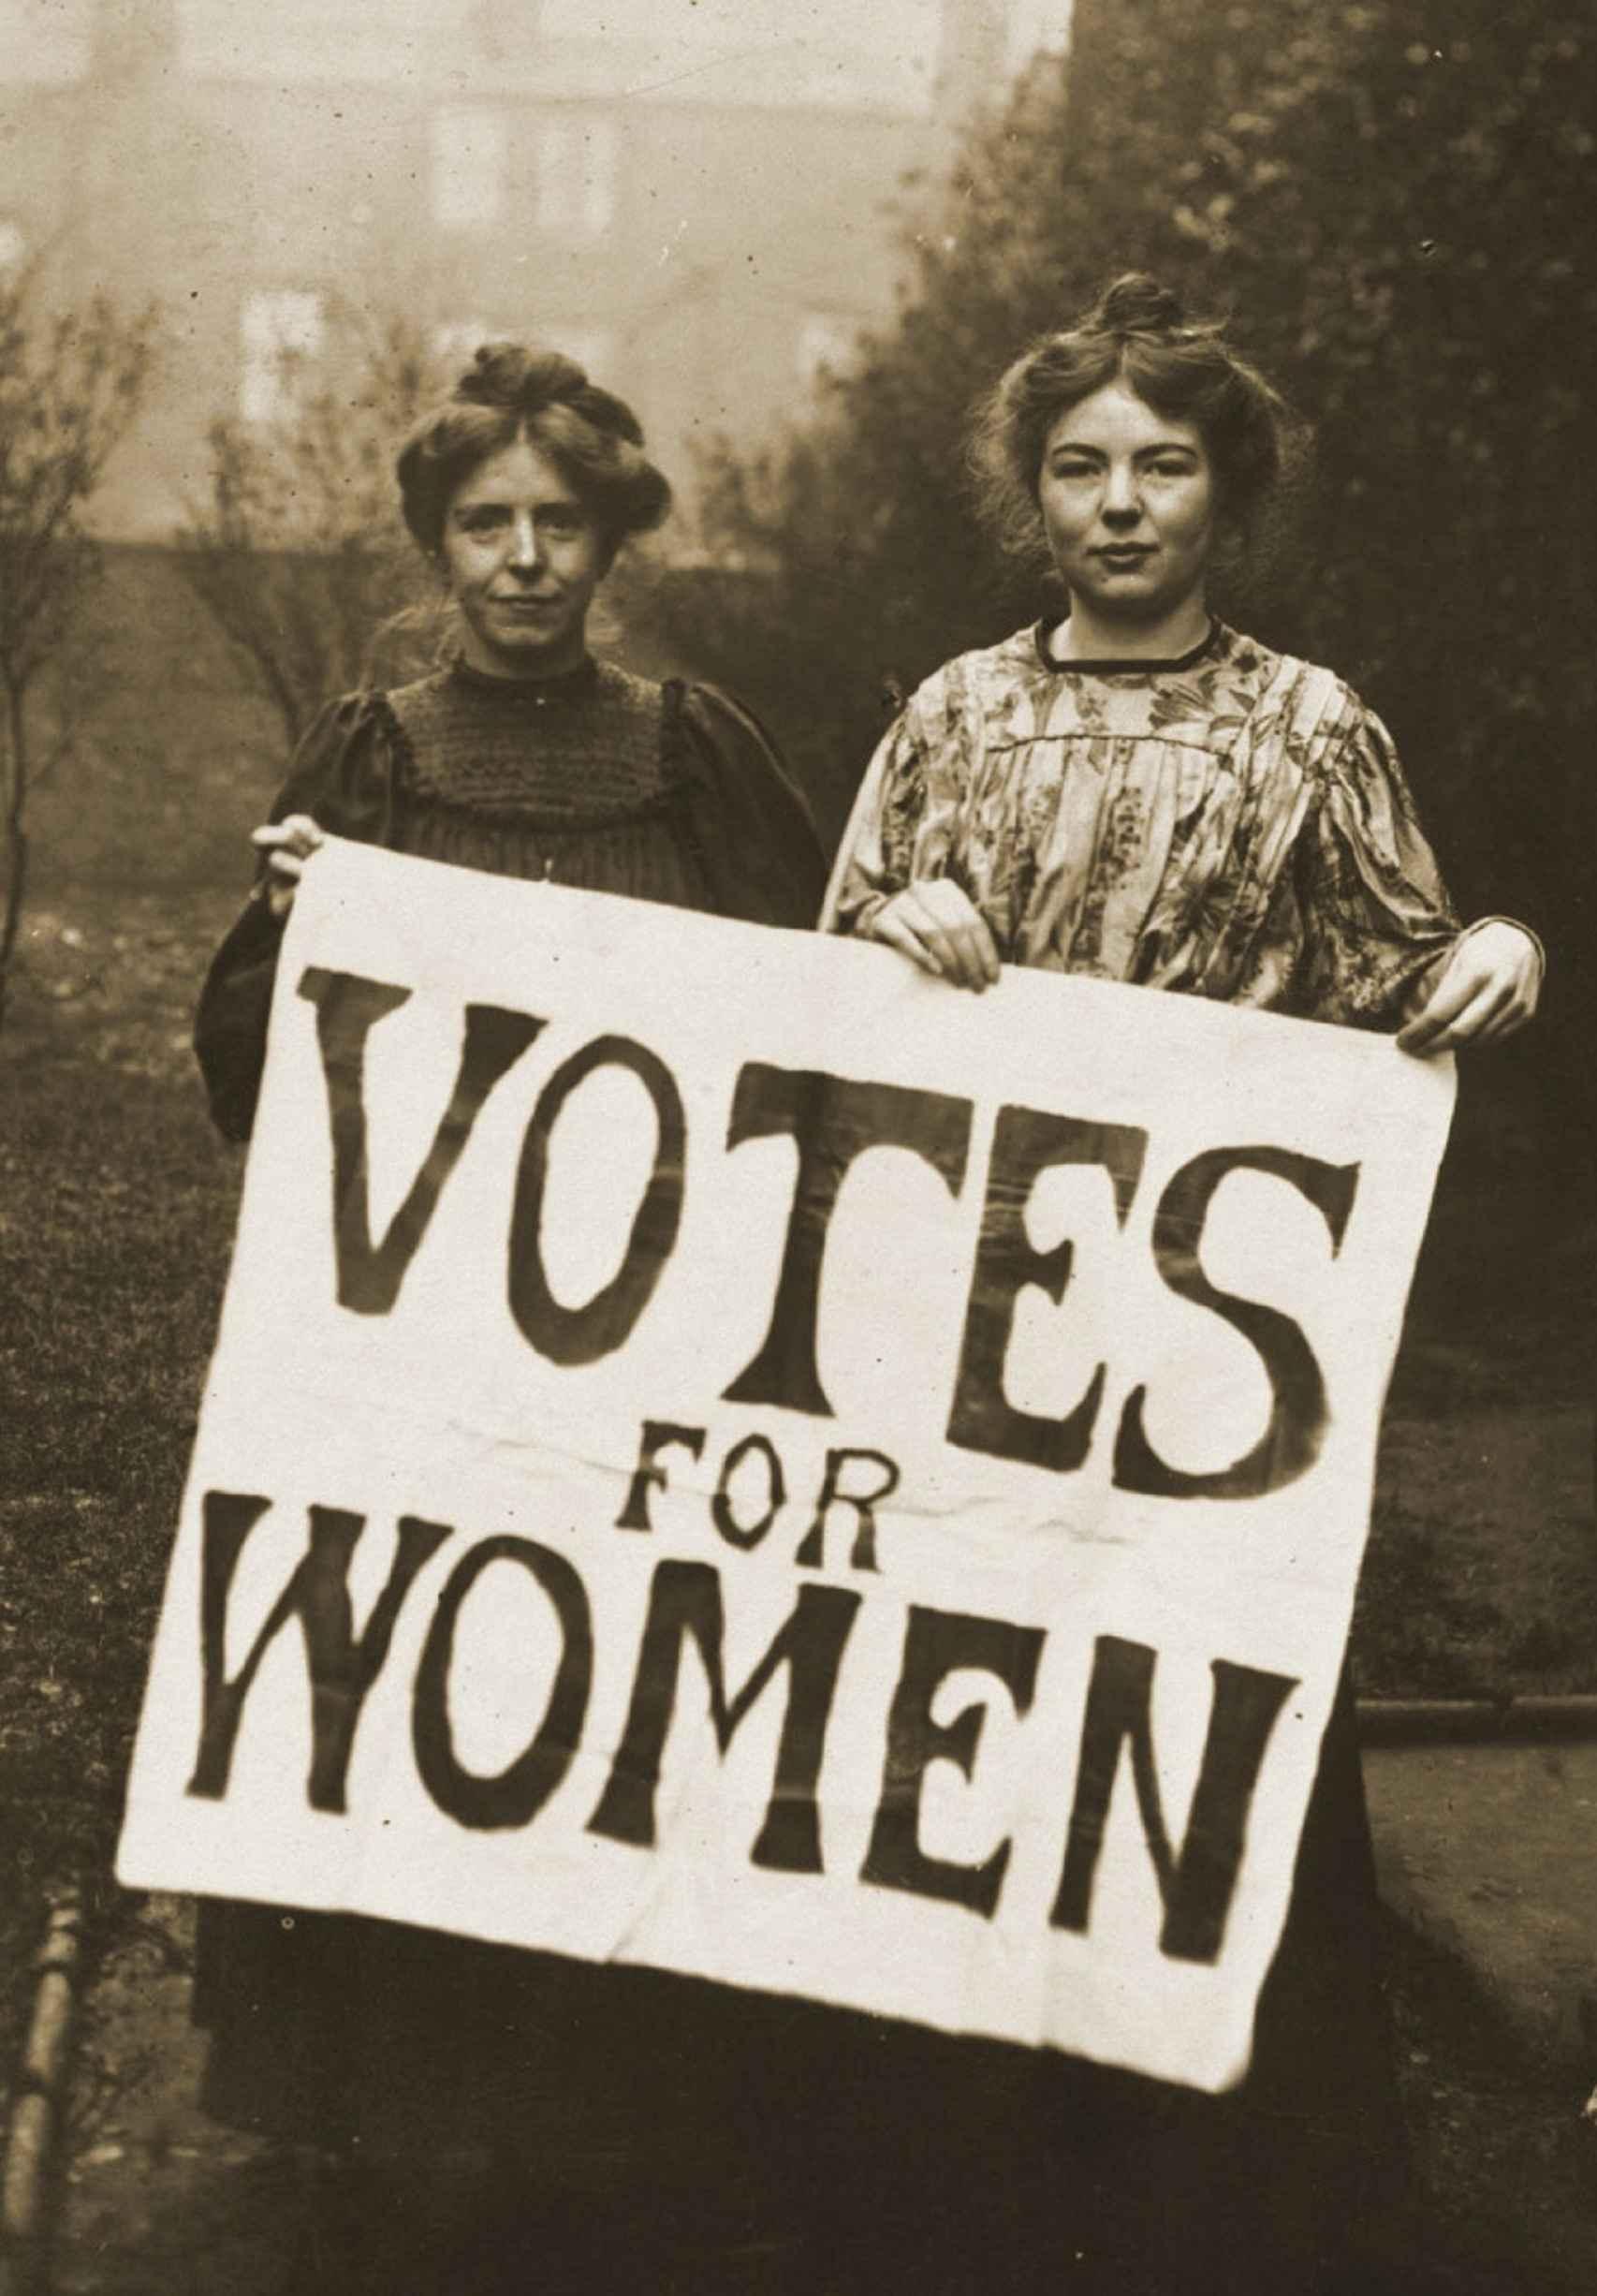 Annie Kenney y Christabel Pankhurst en 1908, exigiendo el voto de la mujer.